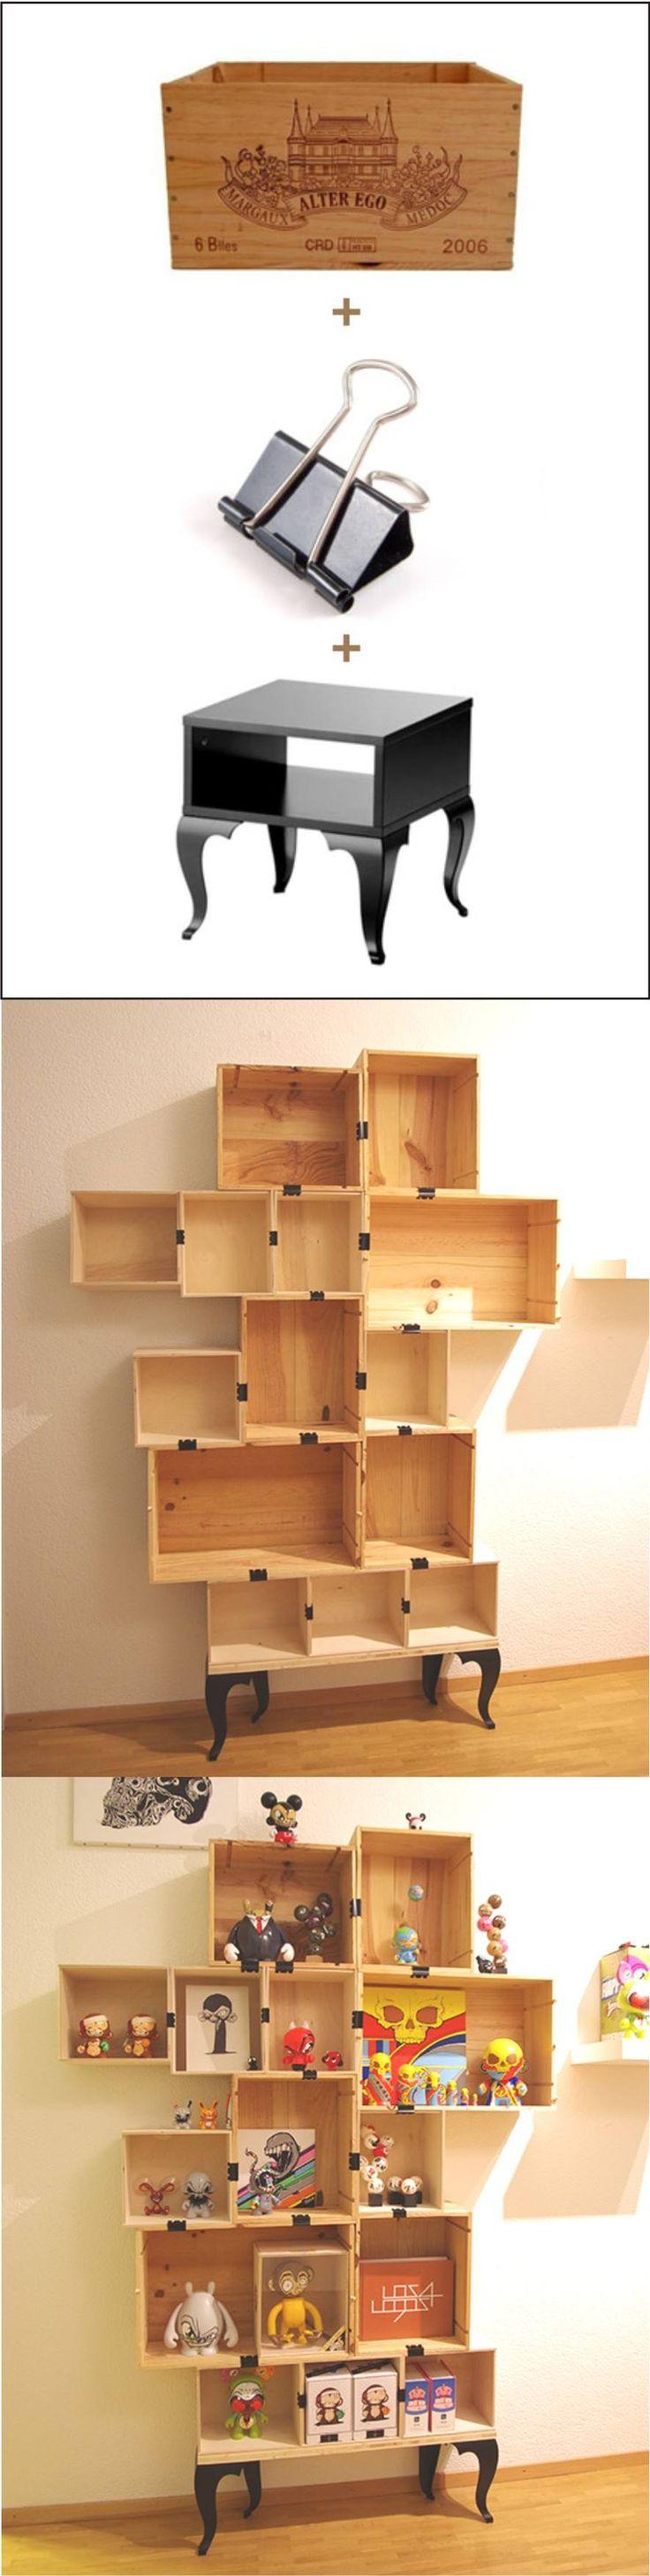 Estantería con cajas de vino - 2much.com - DIY Wine Box Shelf